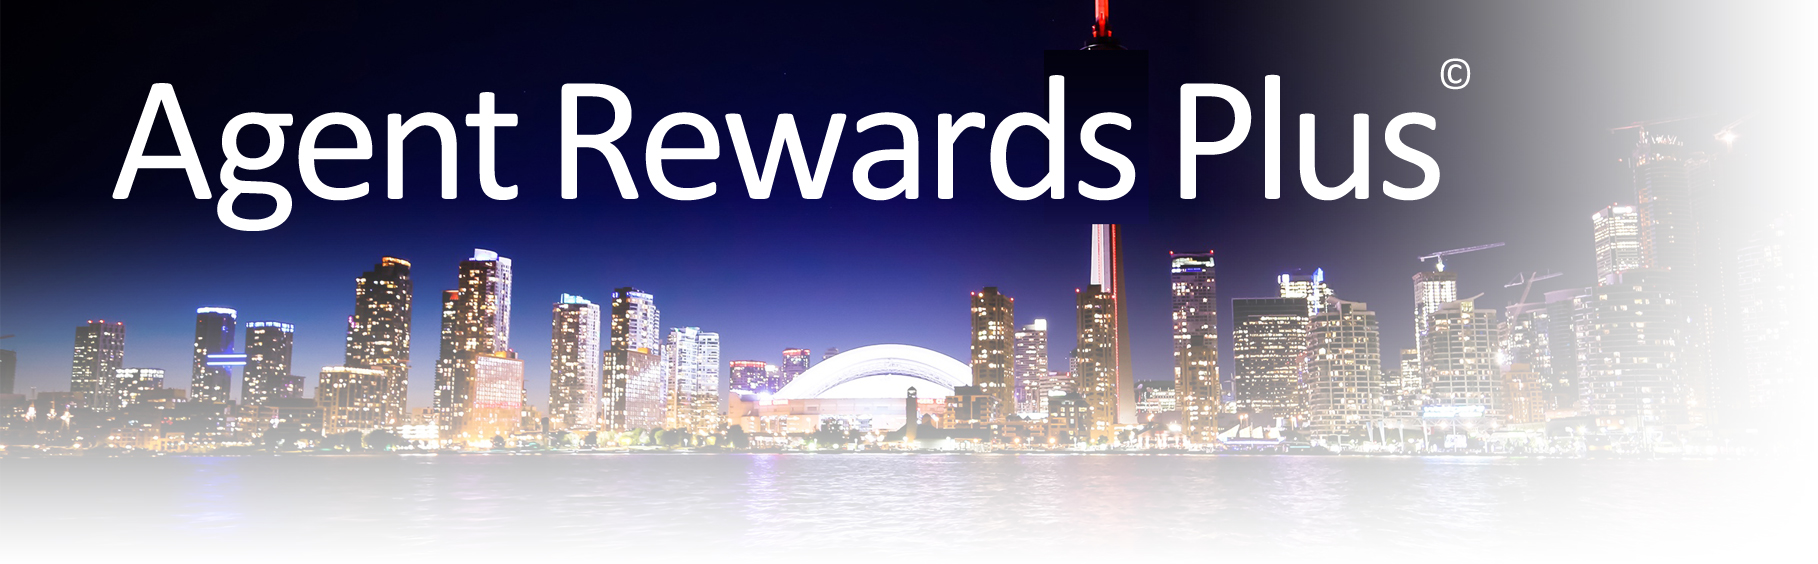 Agent Rewards Plus